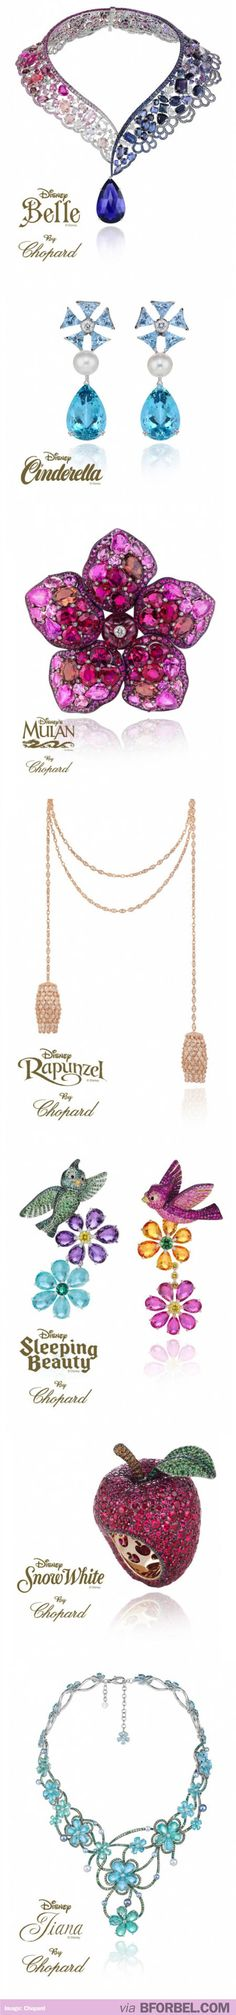 Disney Princess inspired Jewelry, by Chopard